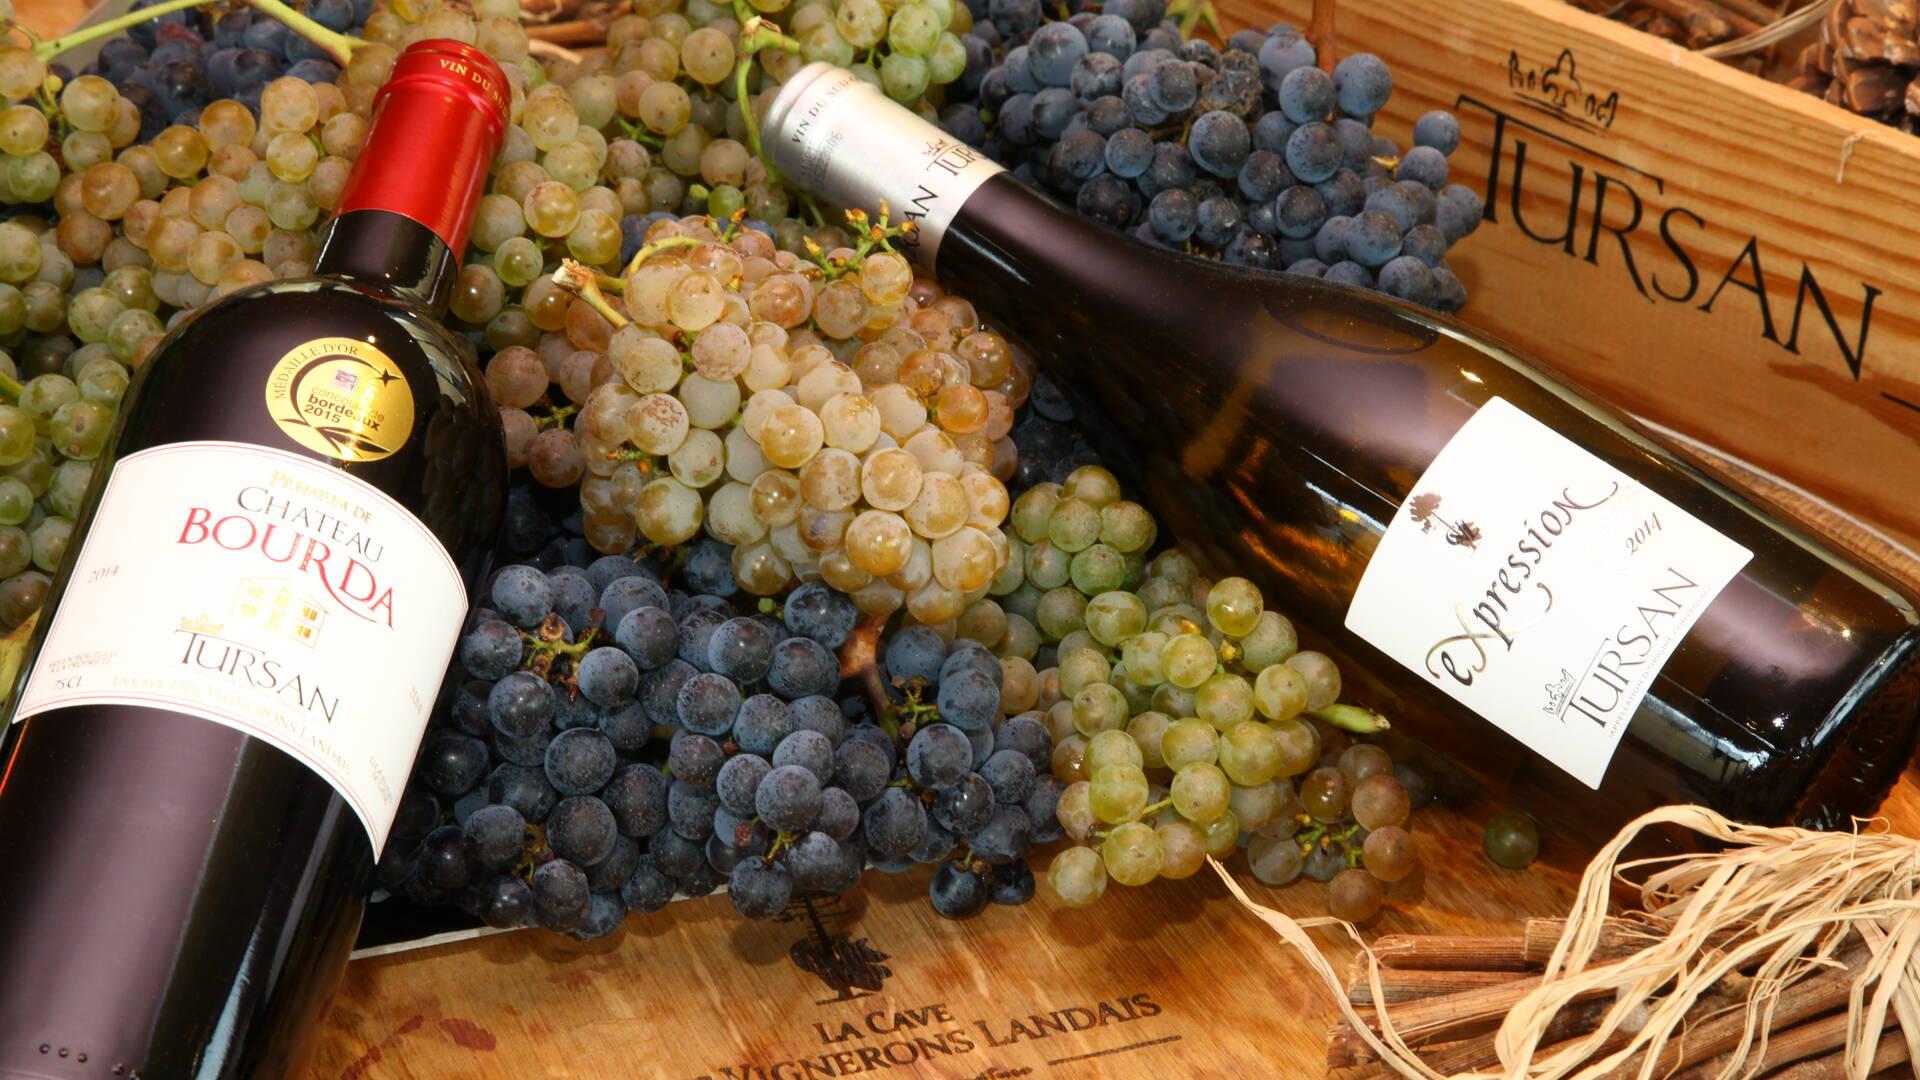 Wines of Tursan